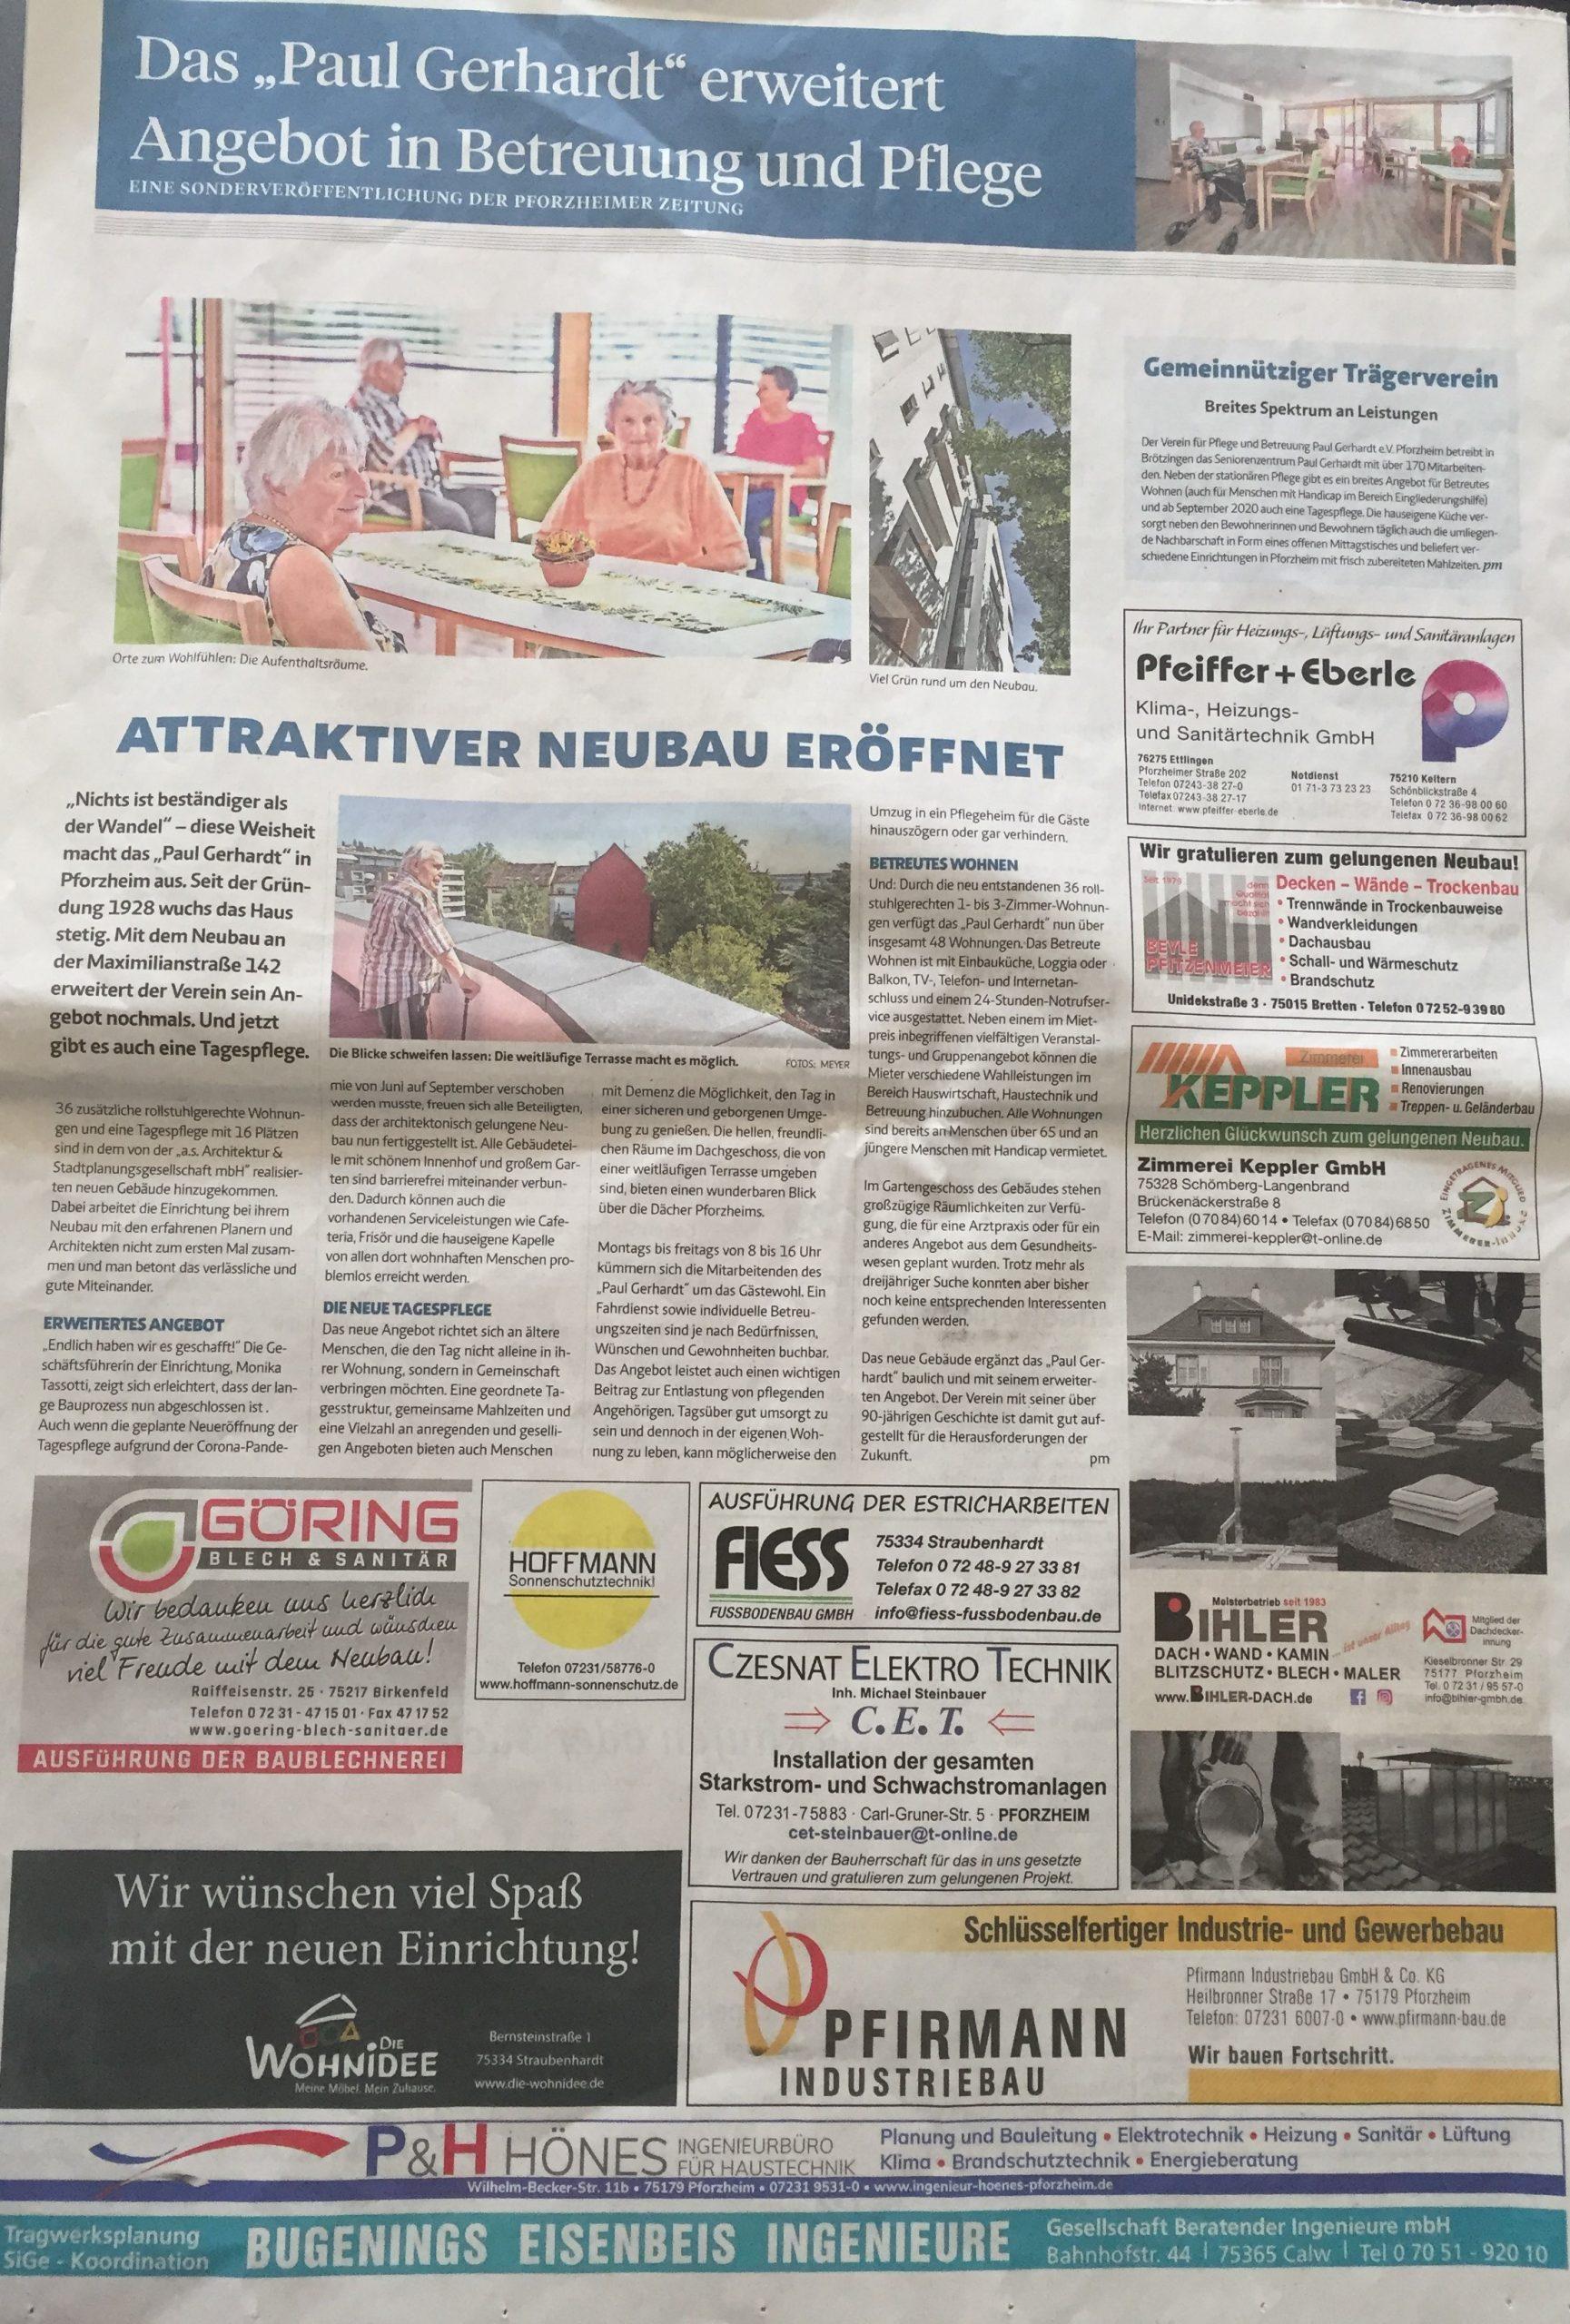 Pforzheimer Zeitung Stellenanzeige